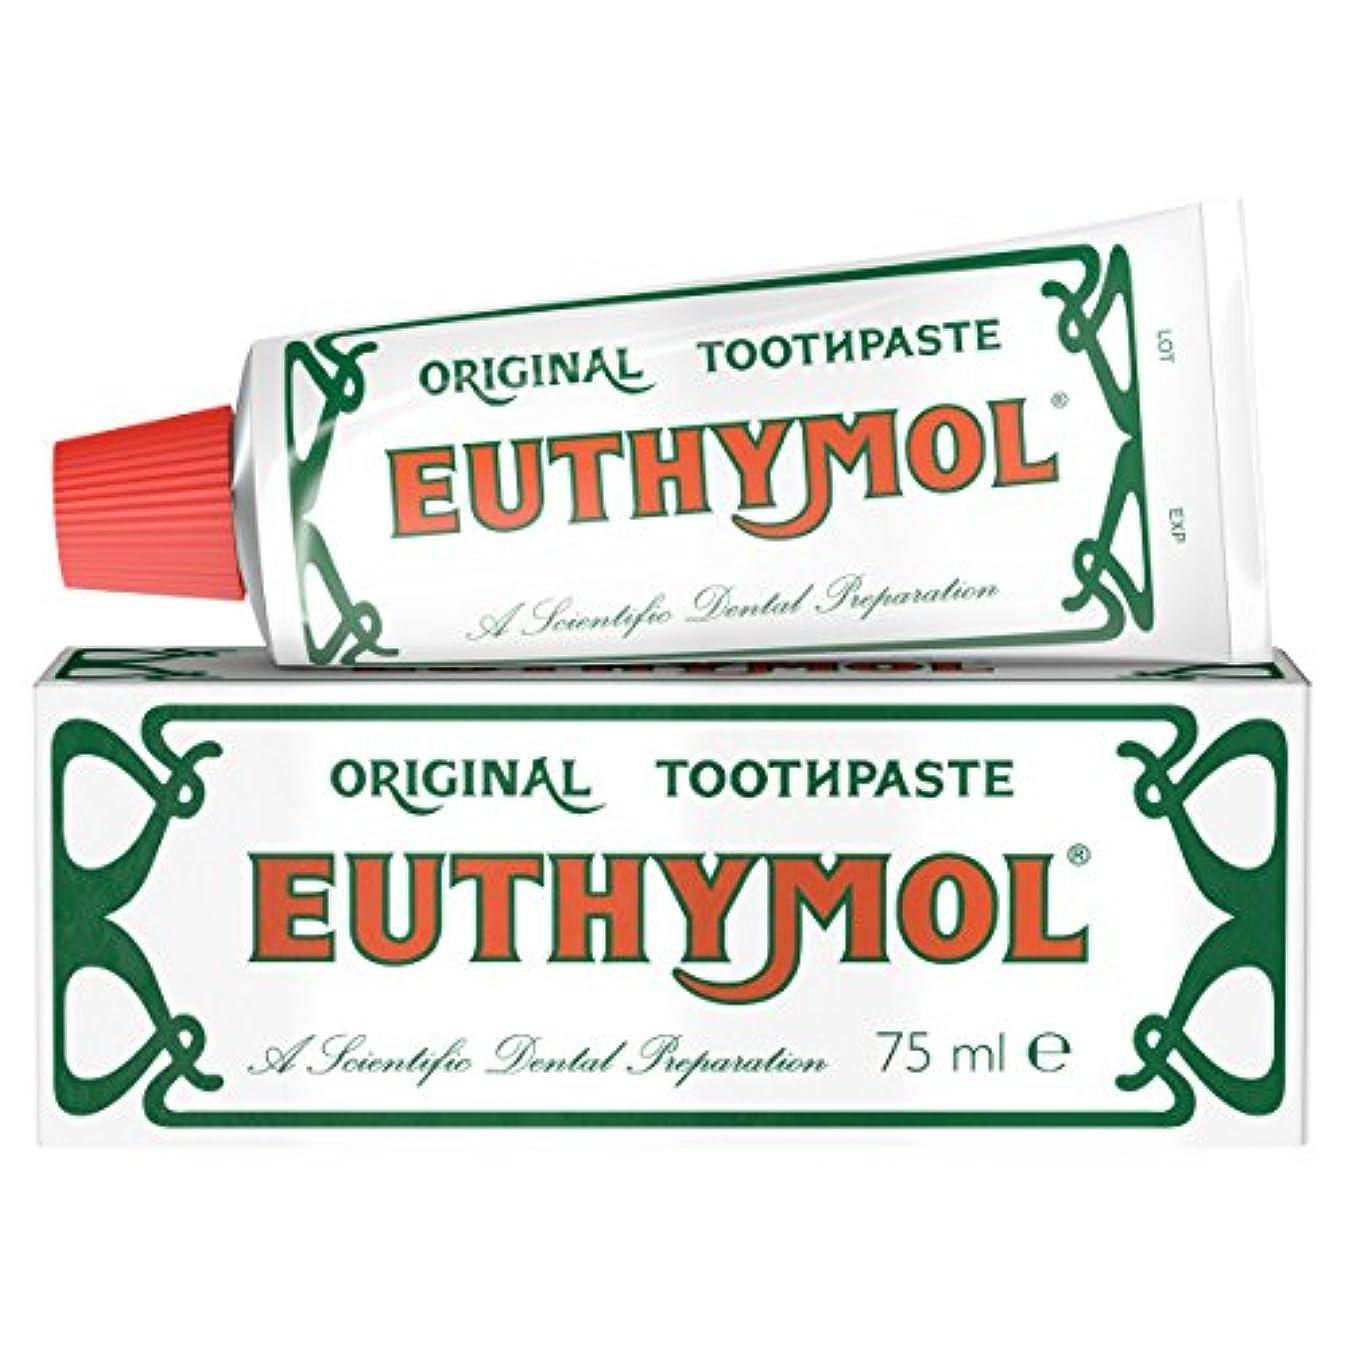 思春期脊椎マークEuthymol オリジナル歯磨き粉 75ml 並行輸入品 Euthymol Original Toothpaste 75 Ml